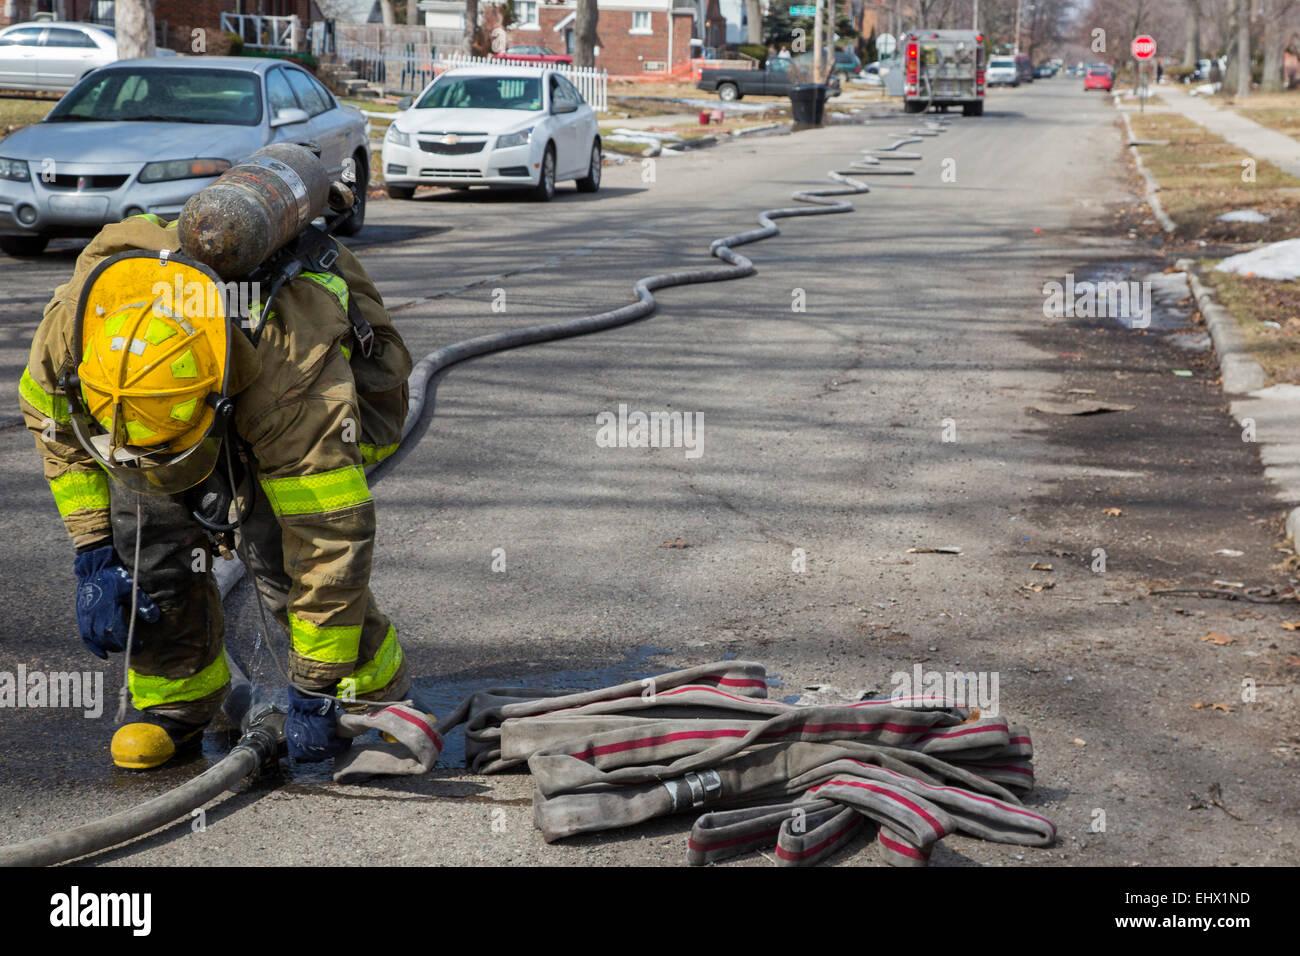 Detroit, Michigan - i vigili del fuoco si collega i tubi flessibili durante il combattimento contro un incendio Immagini Stock